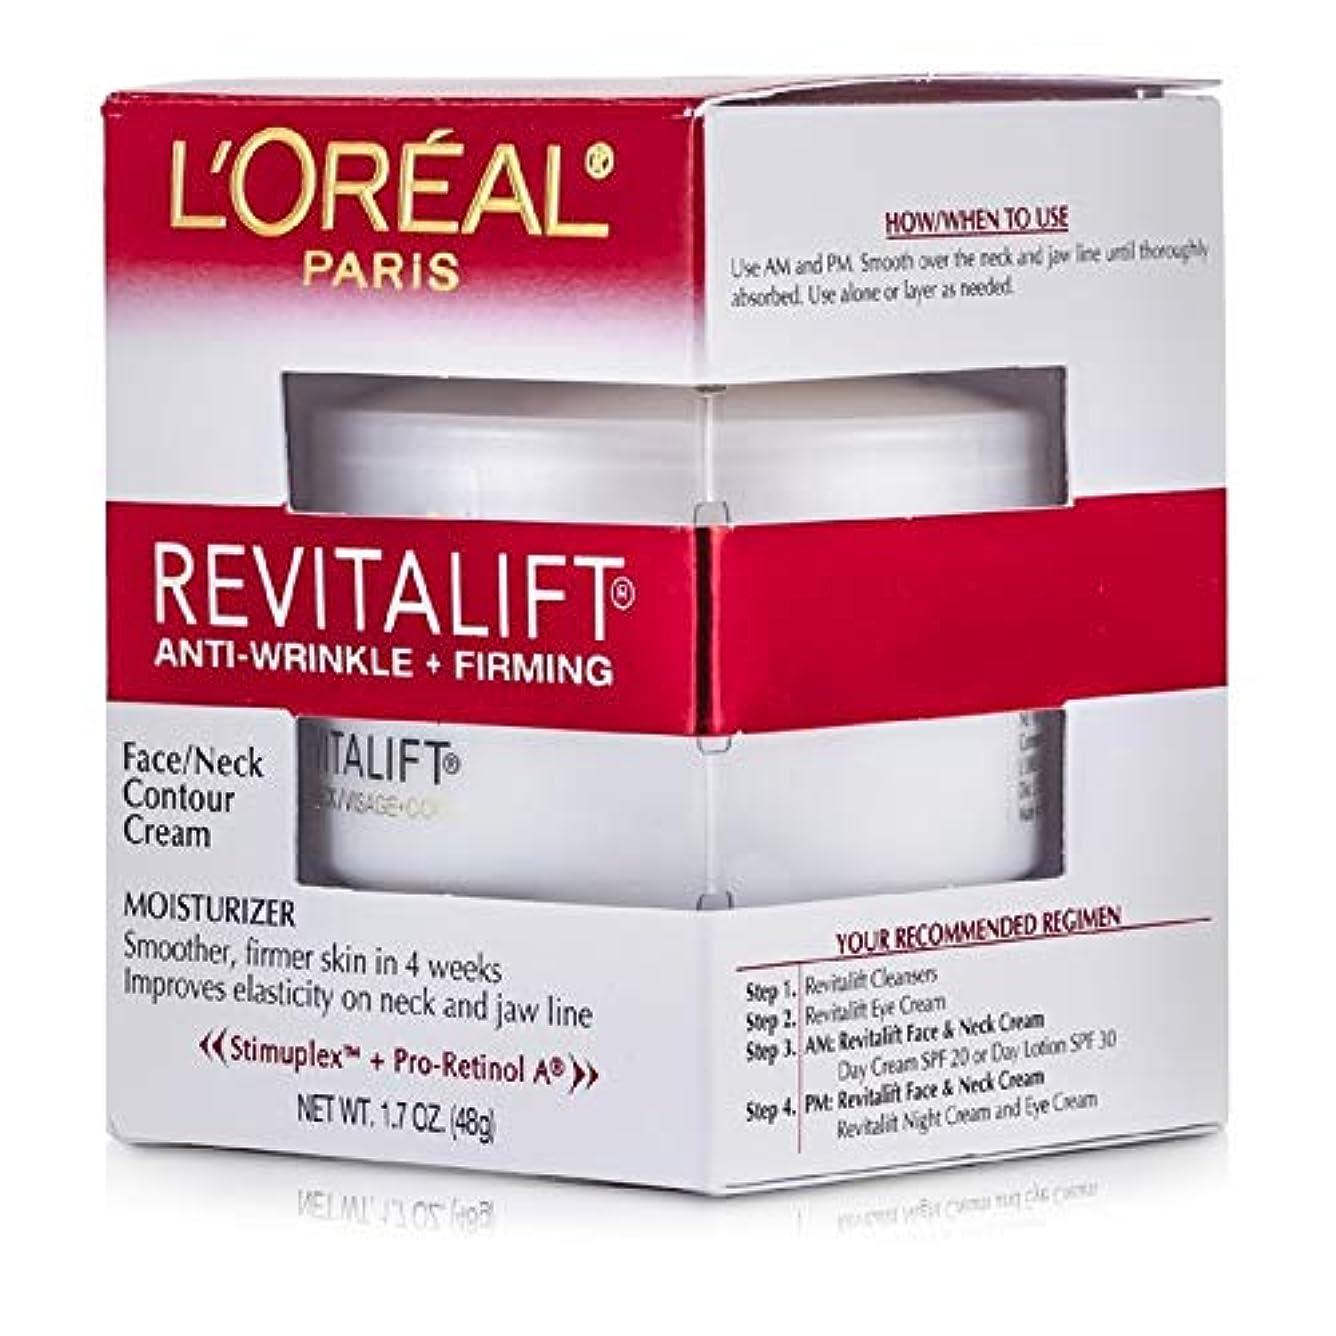 ロレアルパリ リバイタリフトアンチリンクル+ファーミングフェイス ネックコントゥールクリーム 48g